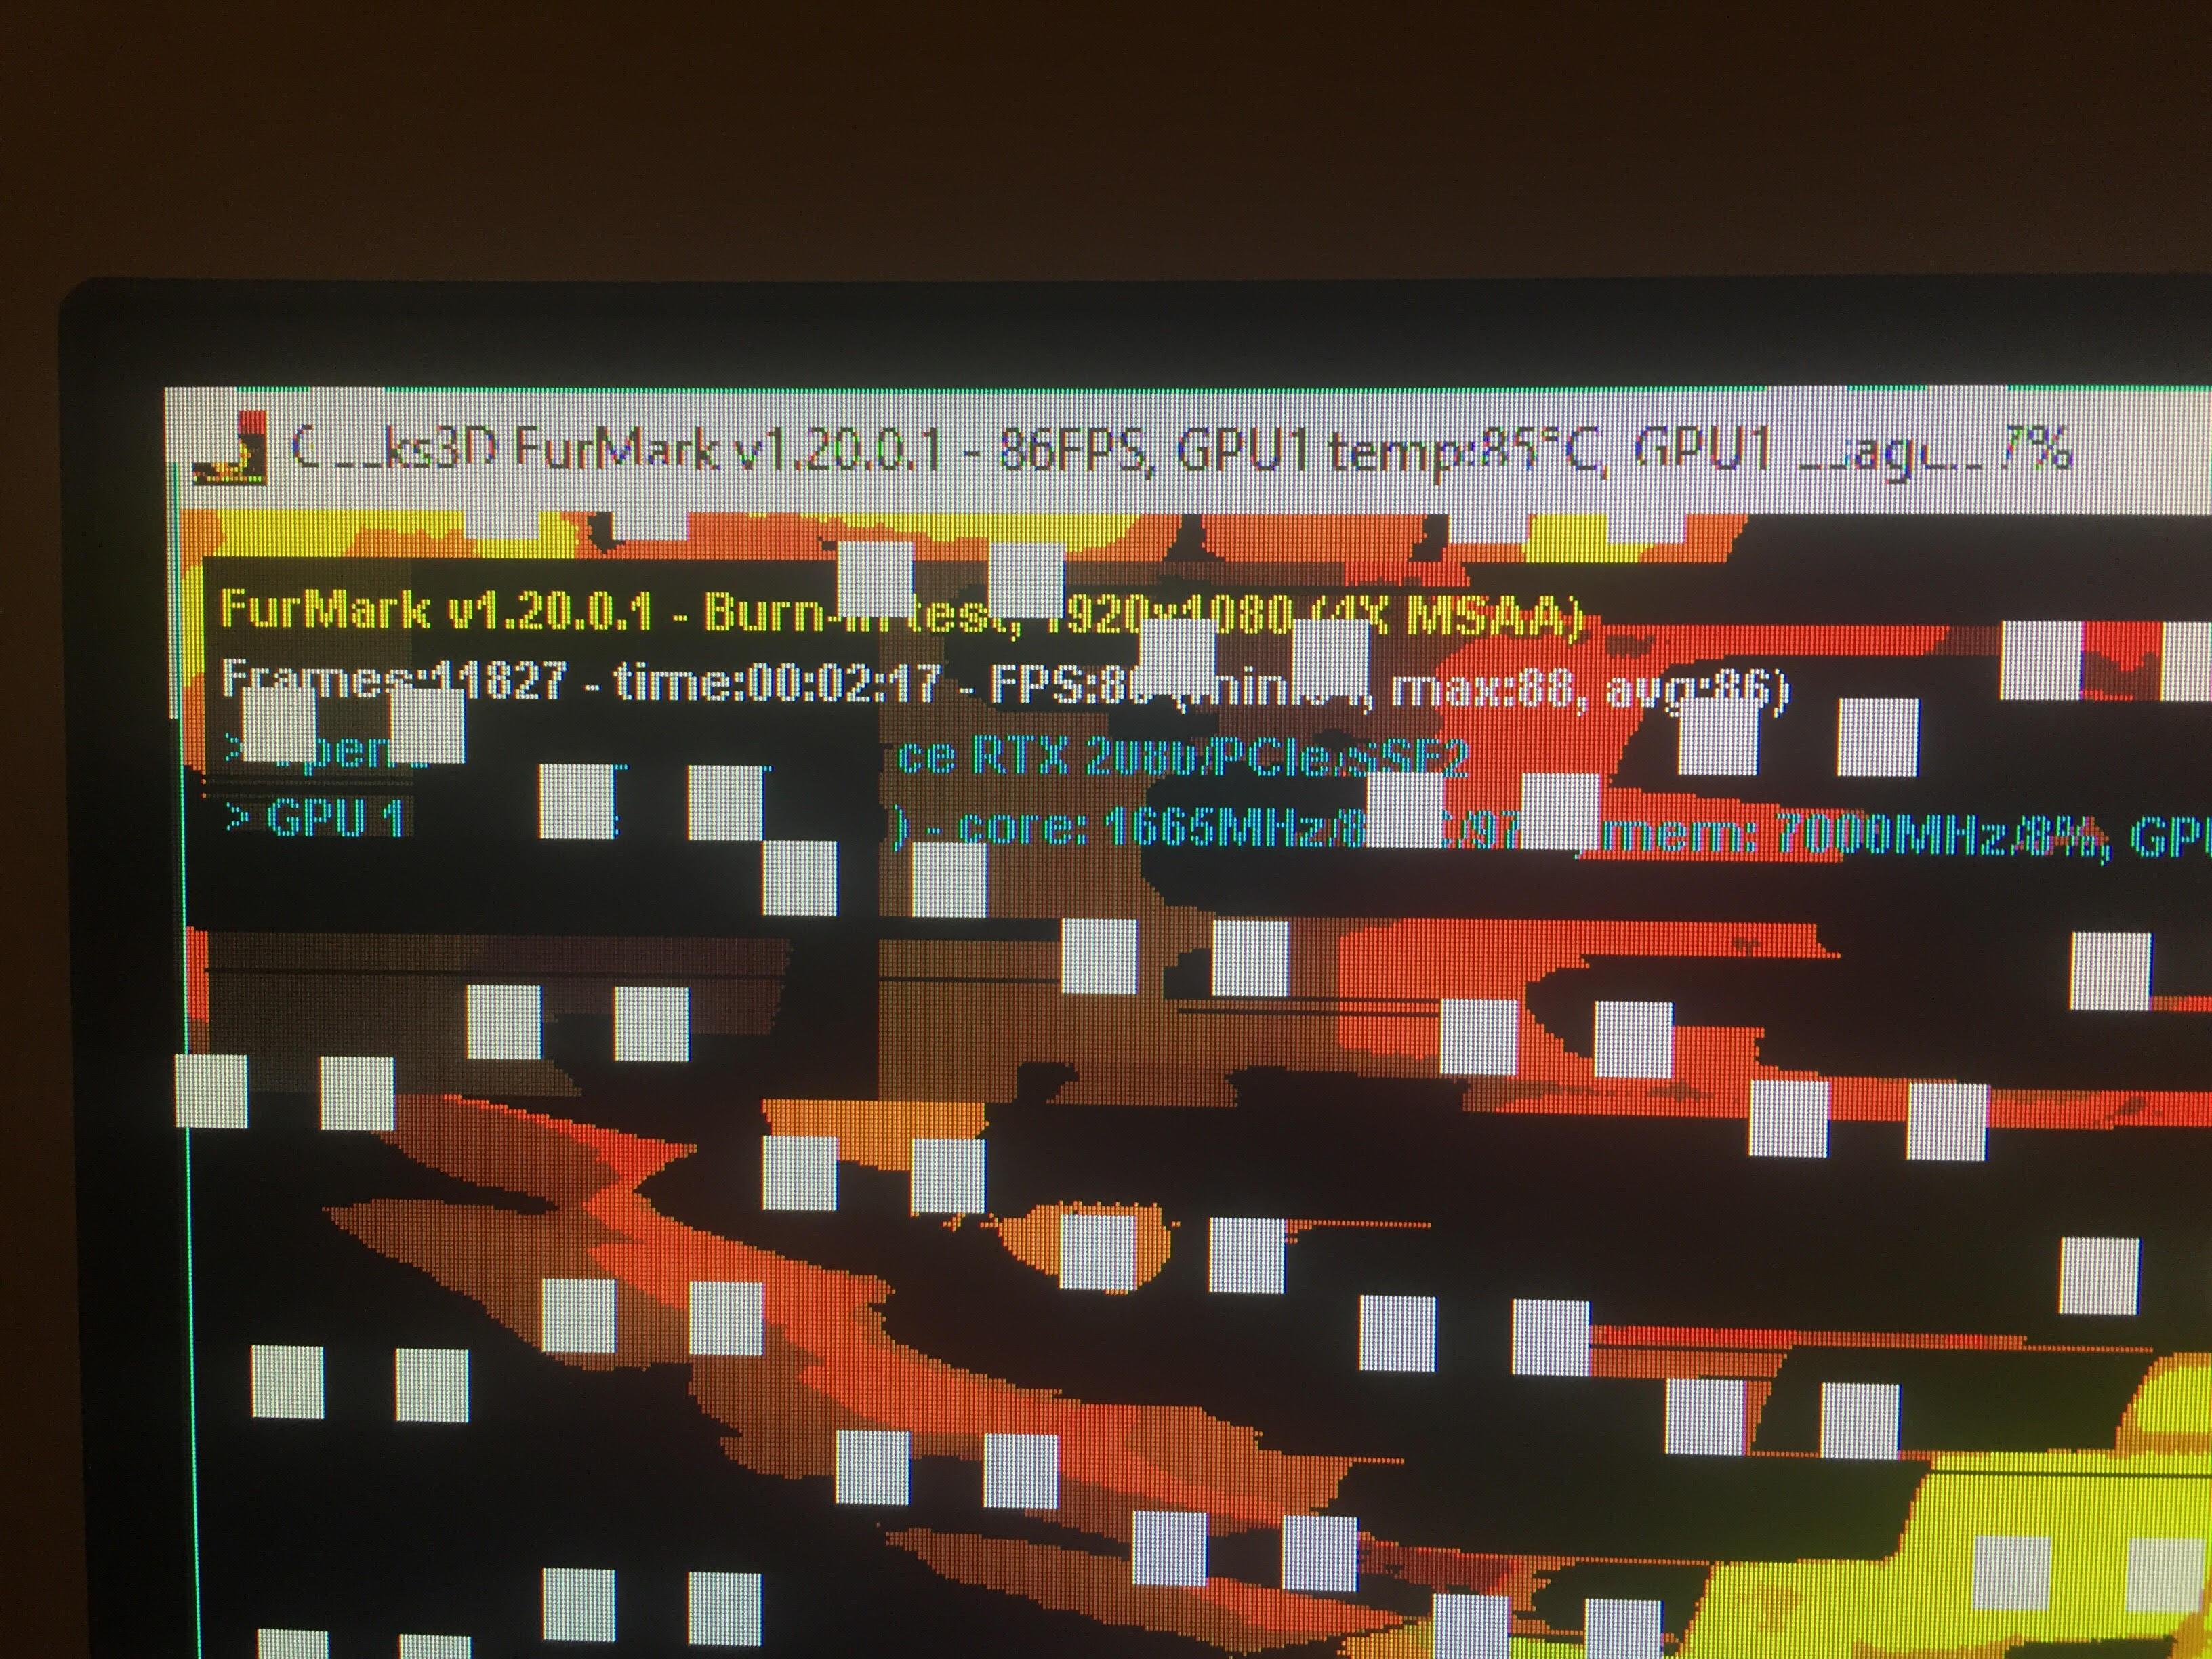 Omen Obelisk 2080 Desktop Crashing in Games, problem may be